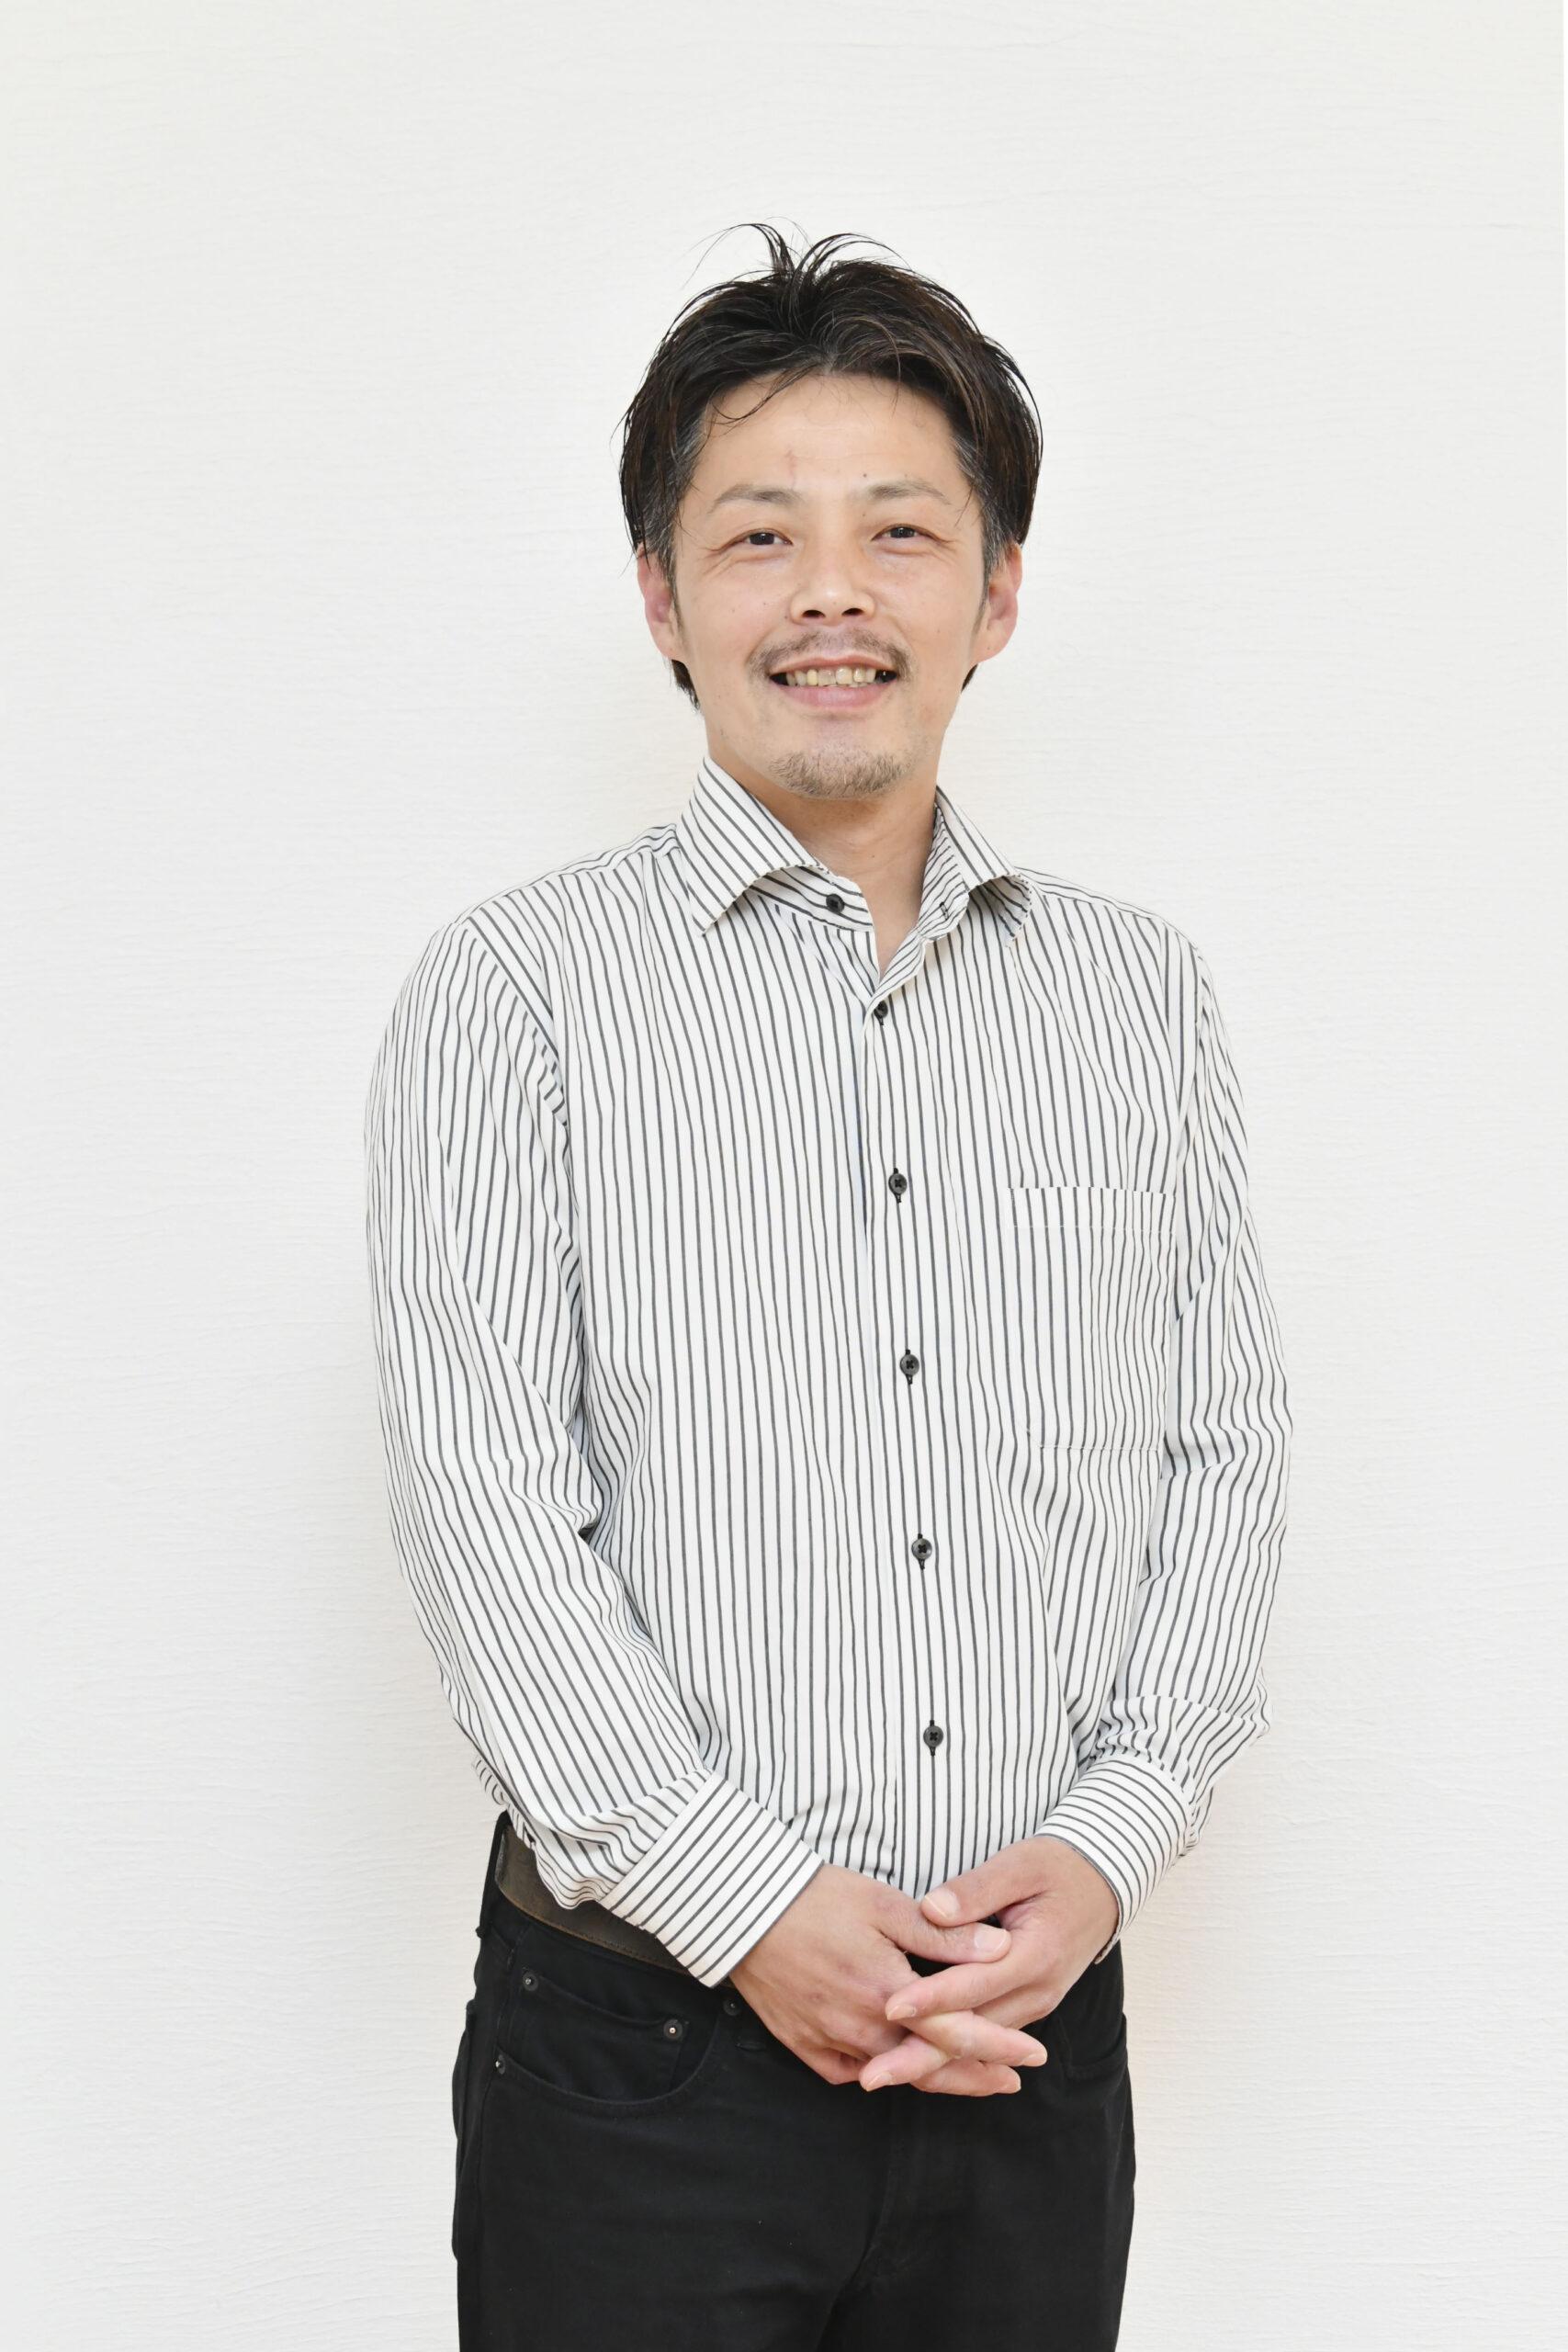 佐藤 貴司